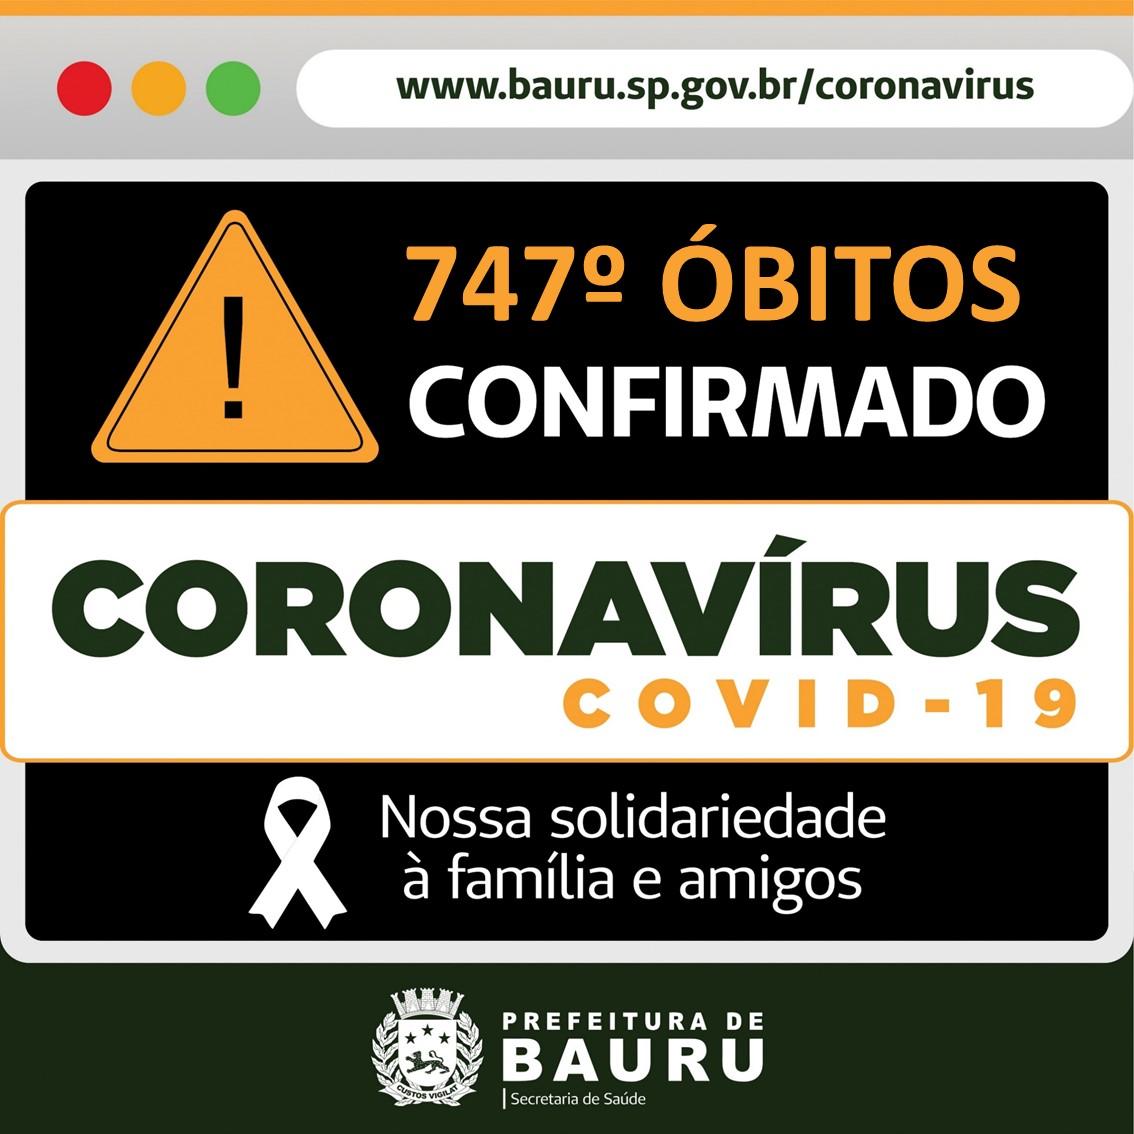 749: número de vítimas fatais da Covid no município de Bauru